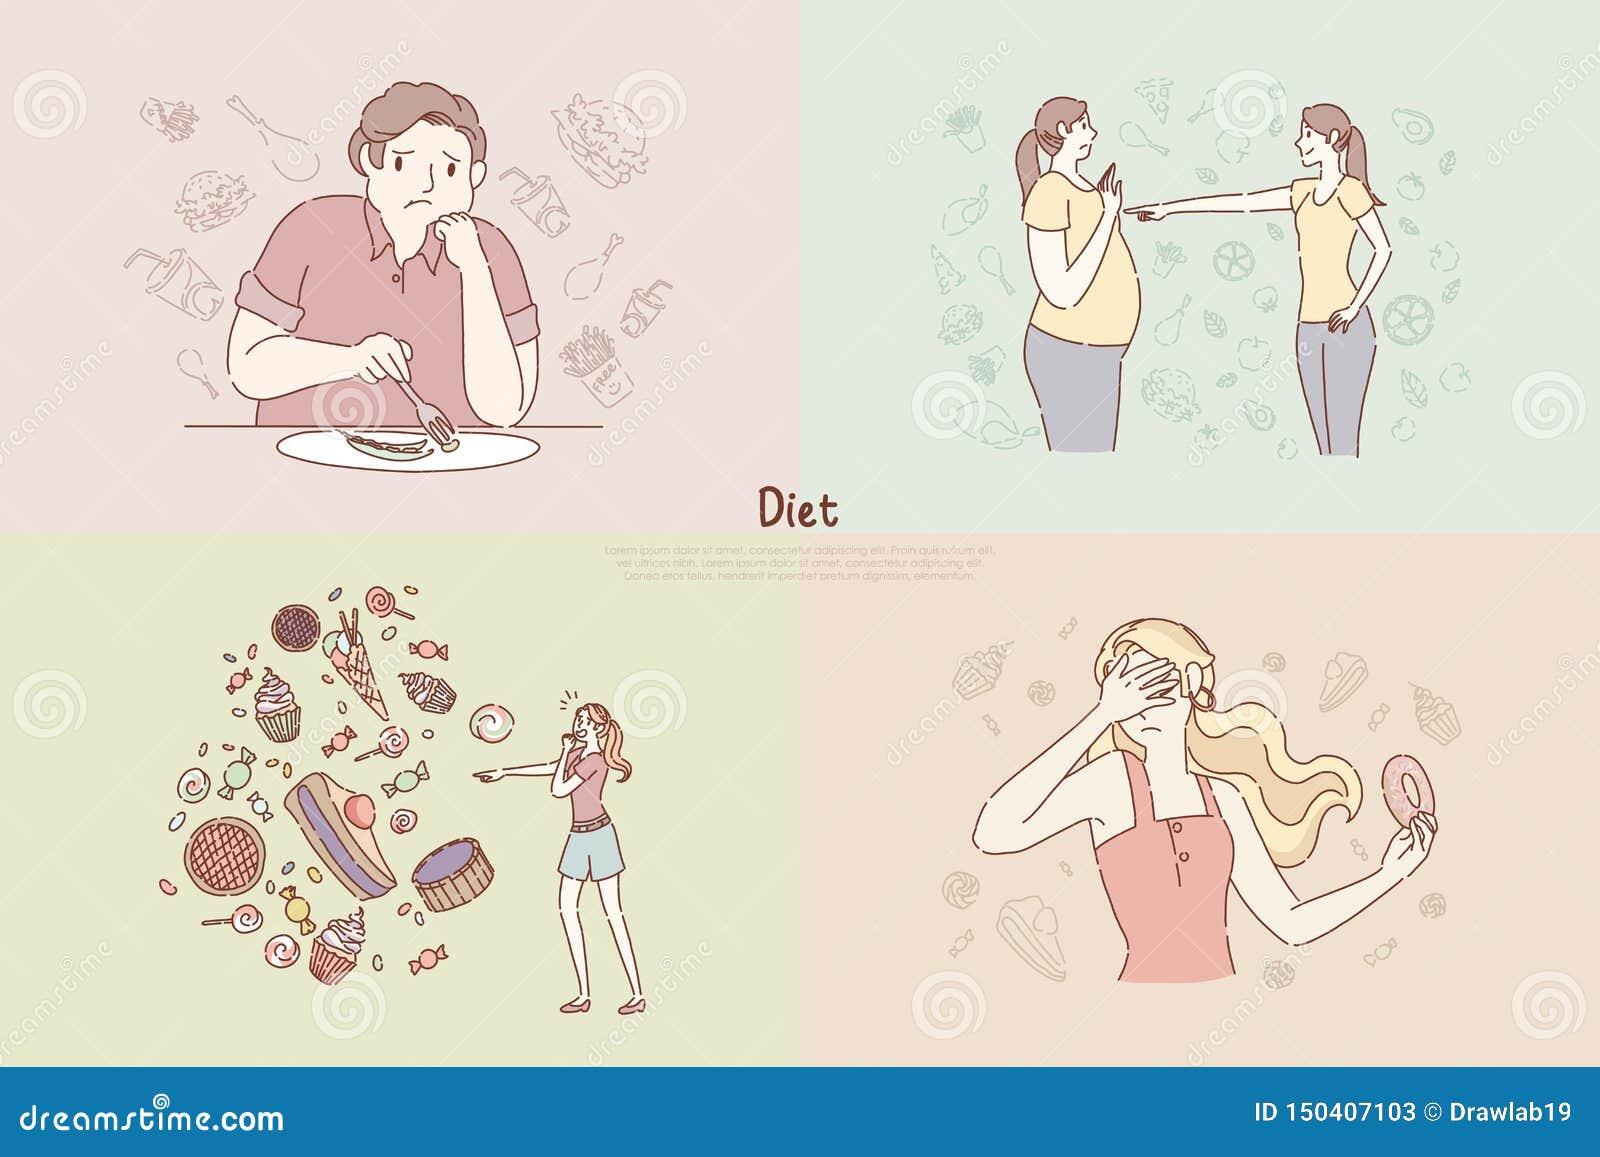 eco slim anorexia